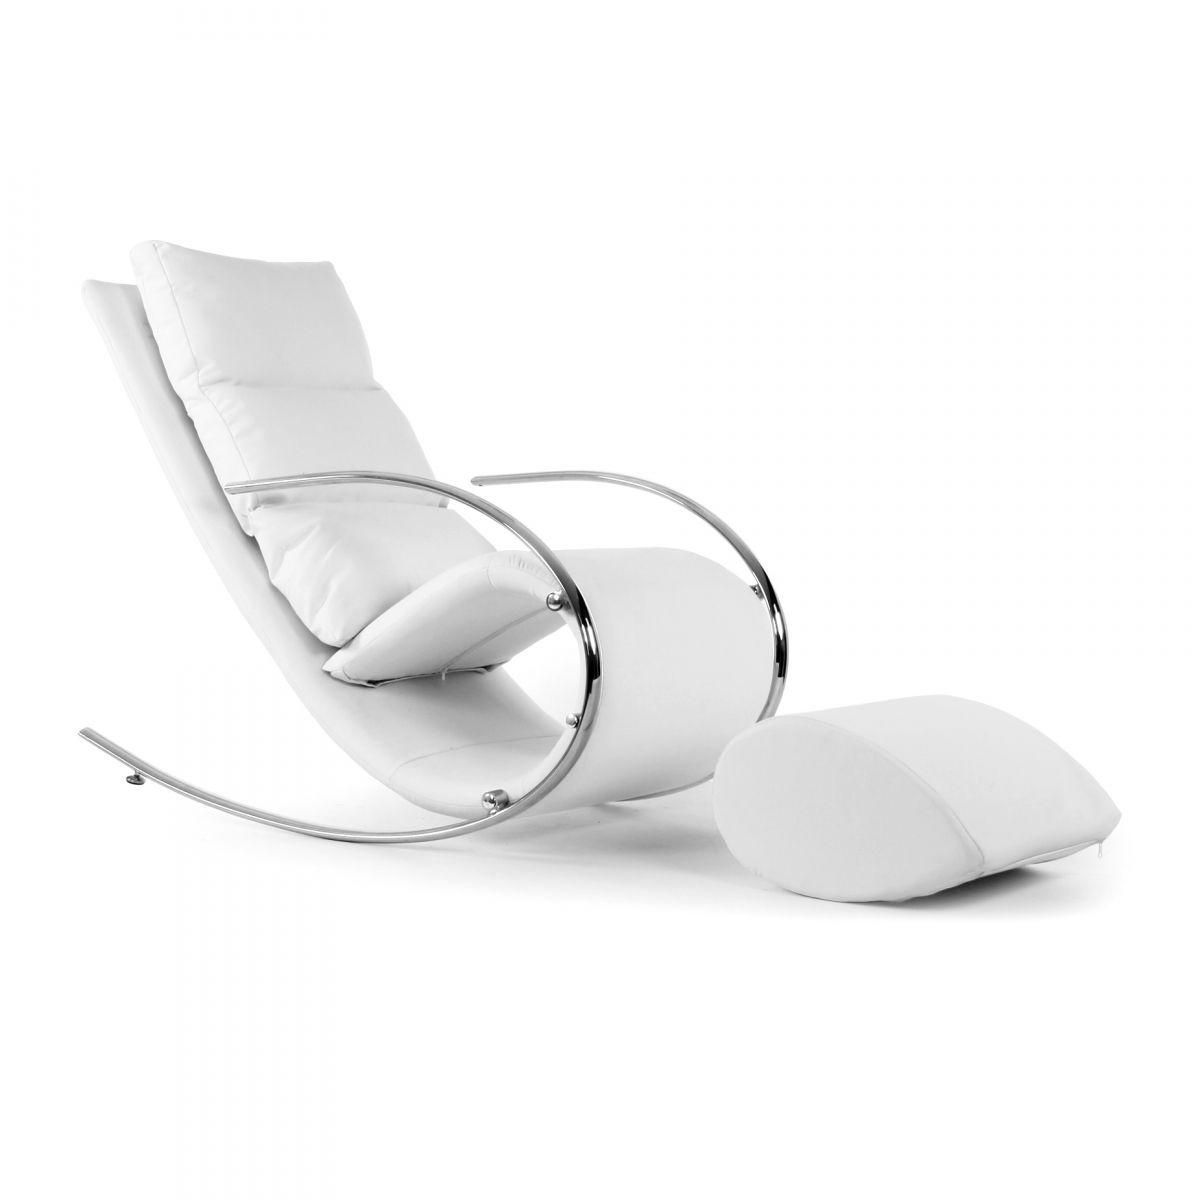 Un rocking chair inspir de ses a eux ce magnifique fauteuil bascule moderne et design vous - Reposez vous dans un hamac design ...